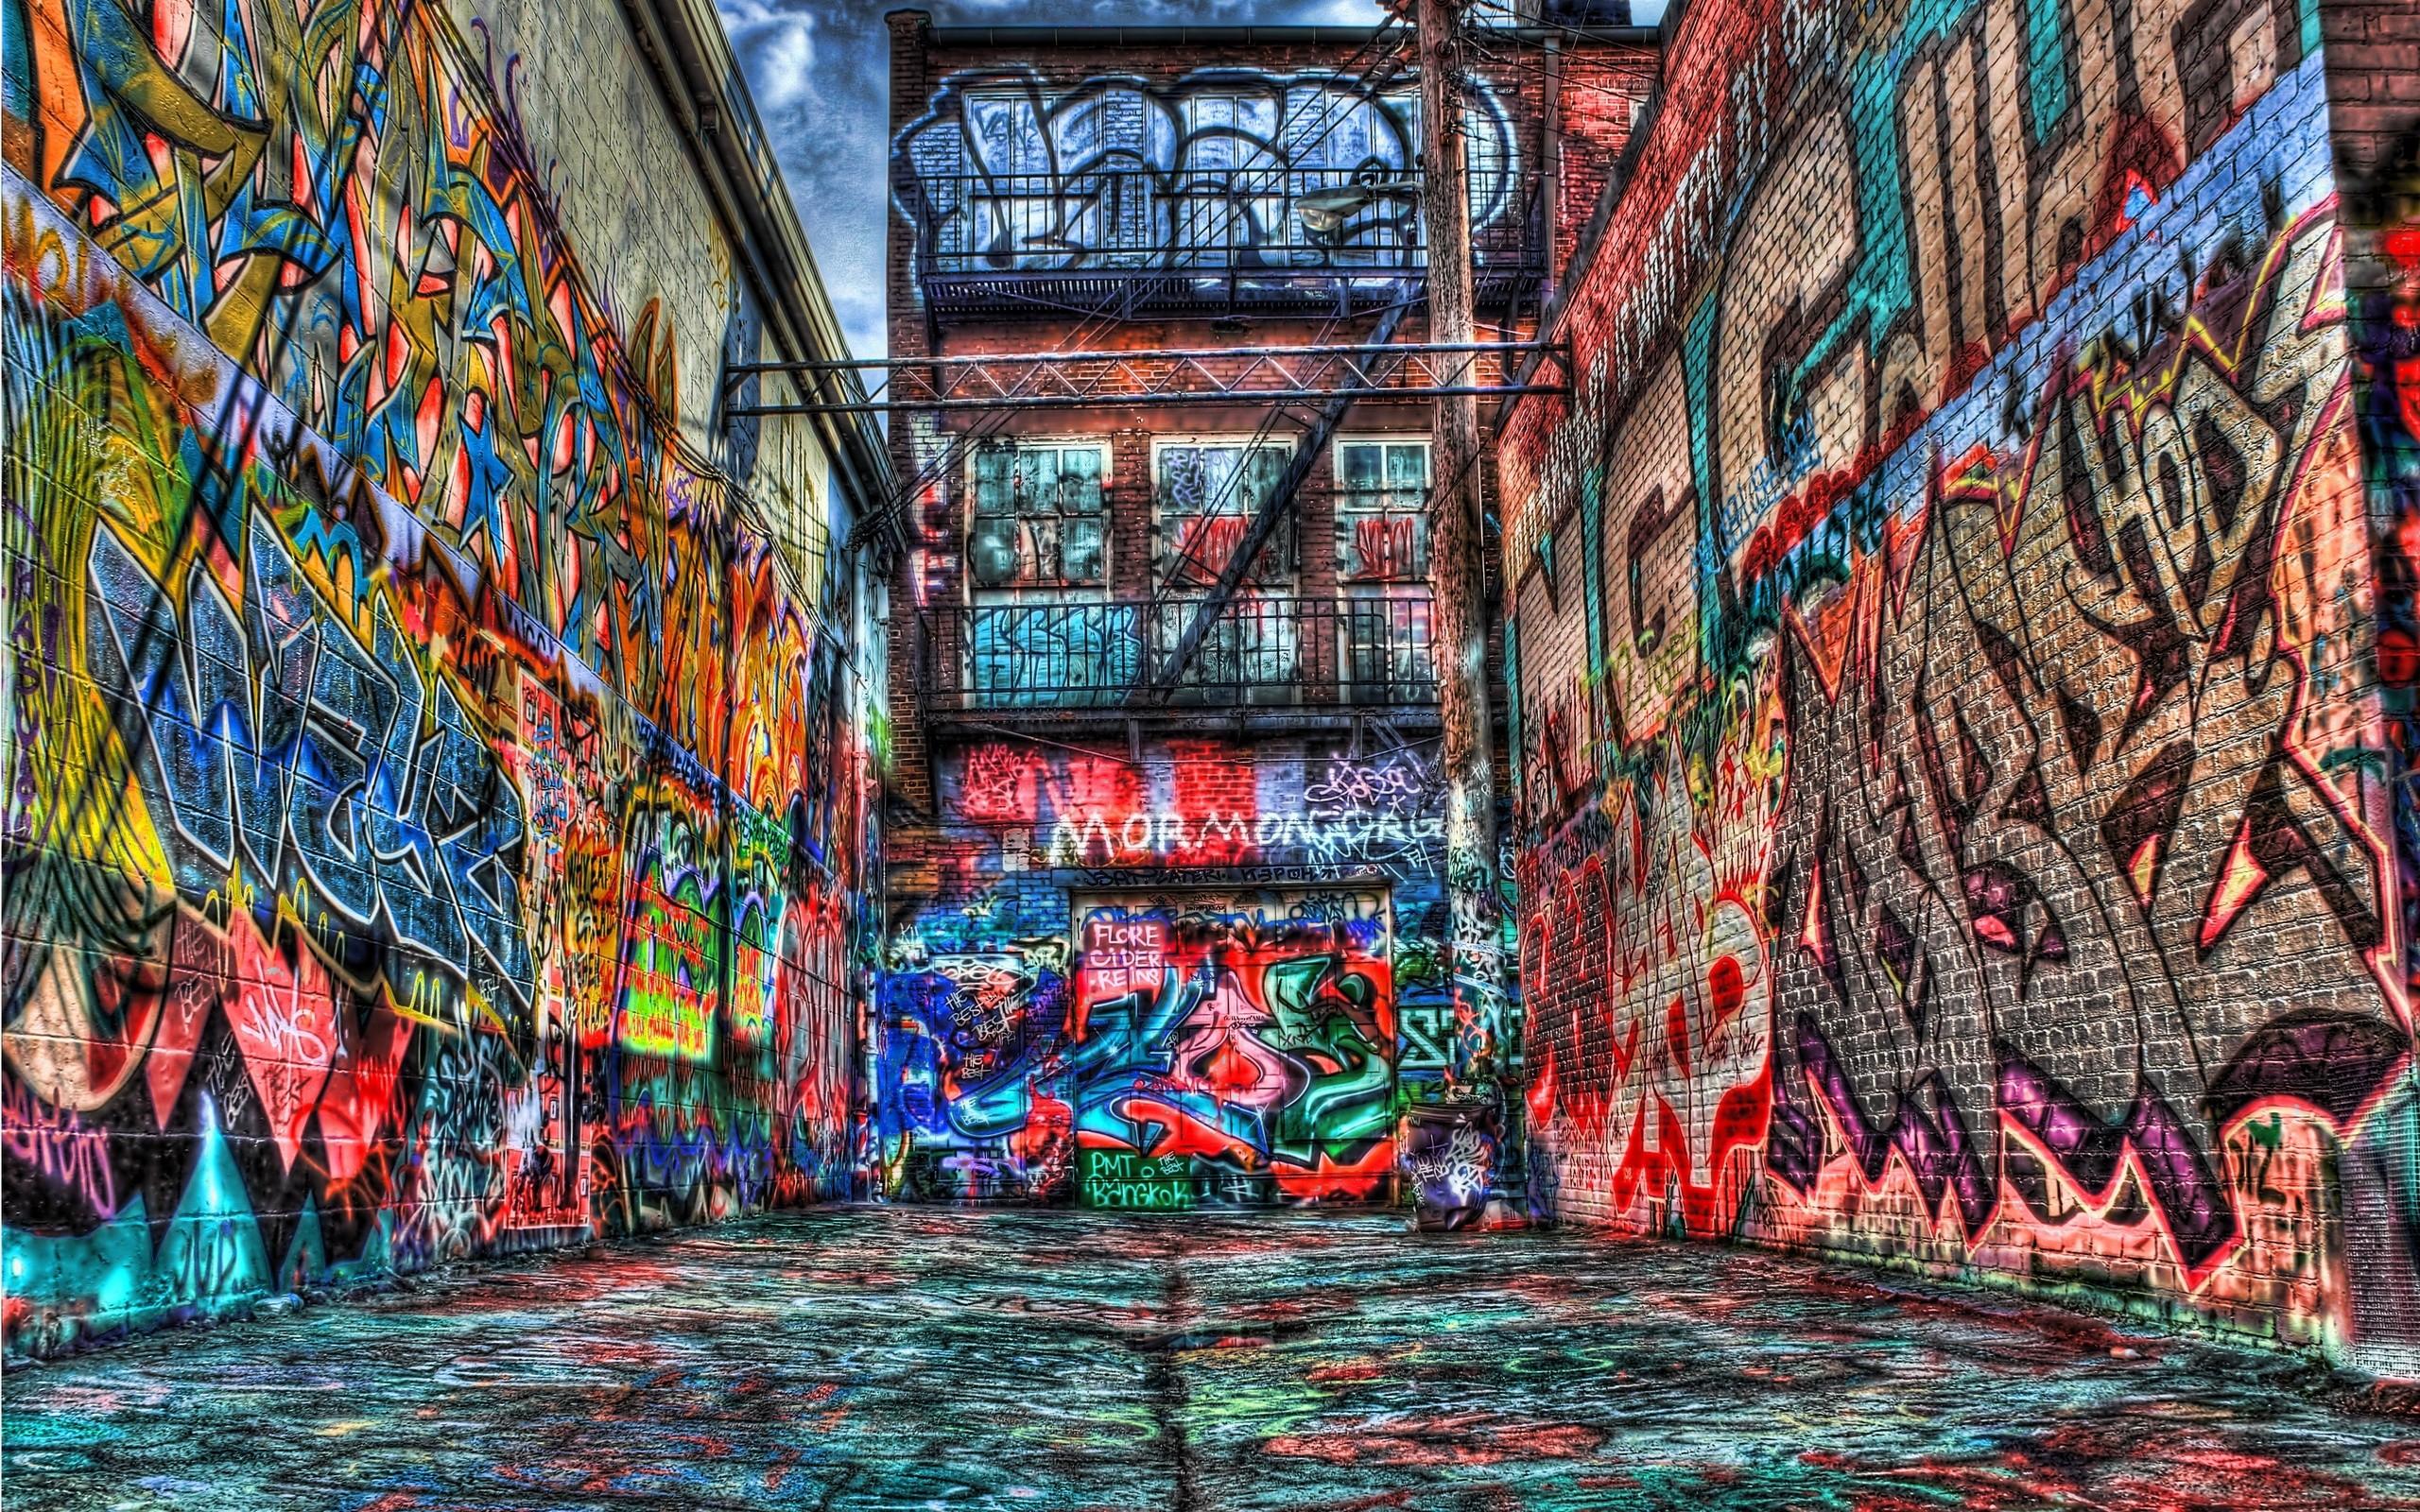 1920x1080 cool graffiti wallpaper hd wallpaper